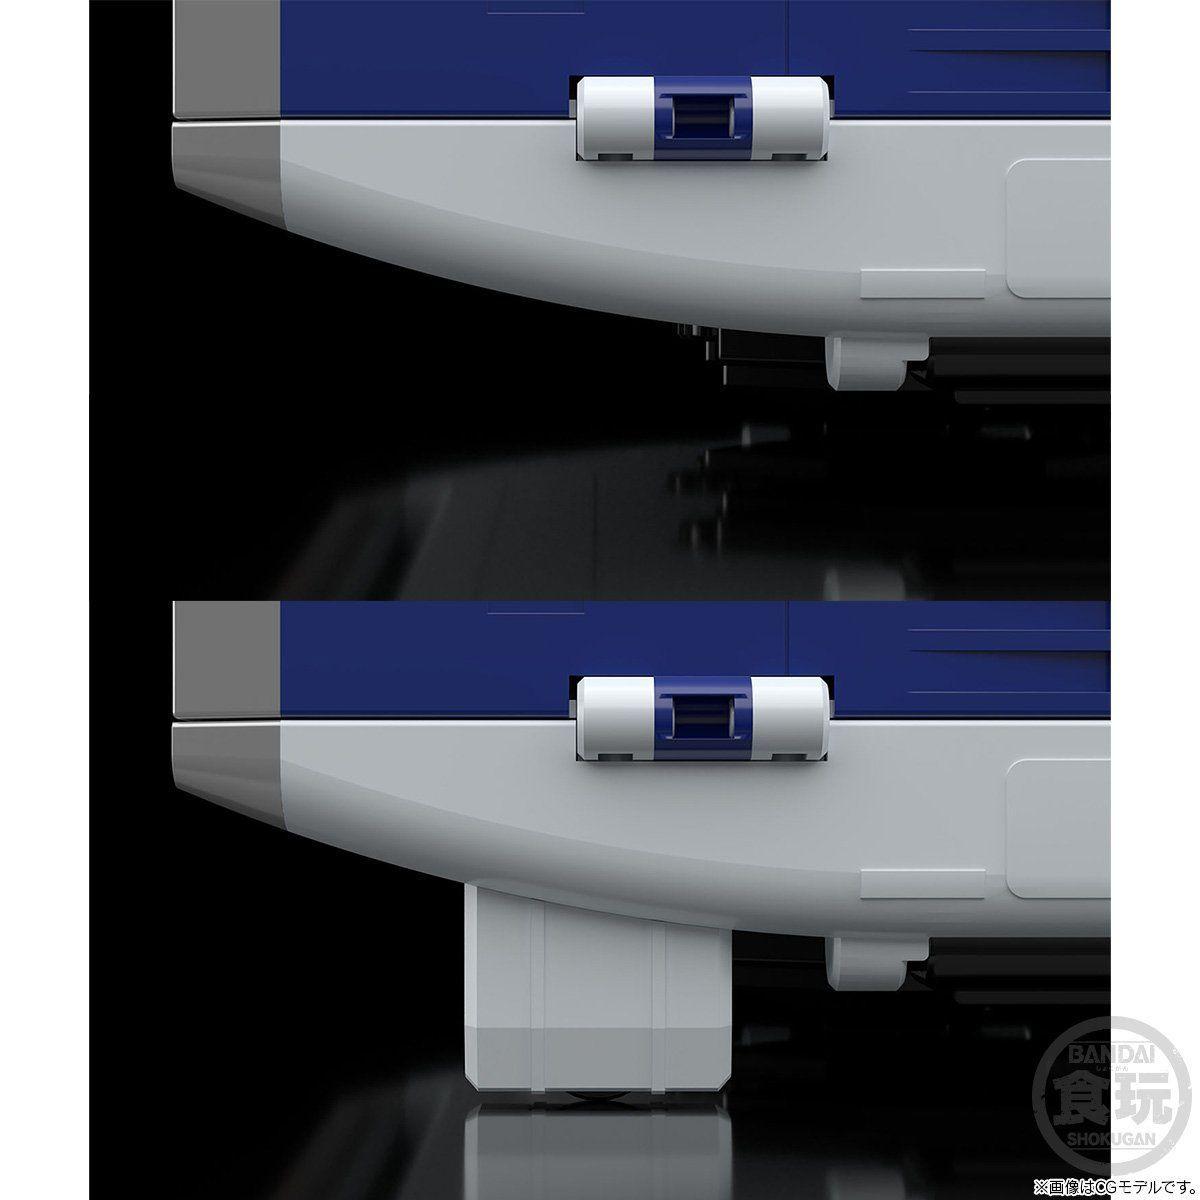 【食玩】スーパーミニプラ『電子合体 バイオロボ』超電子バイオマン 2個入りBOX-013